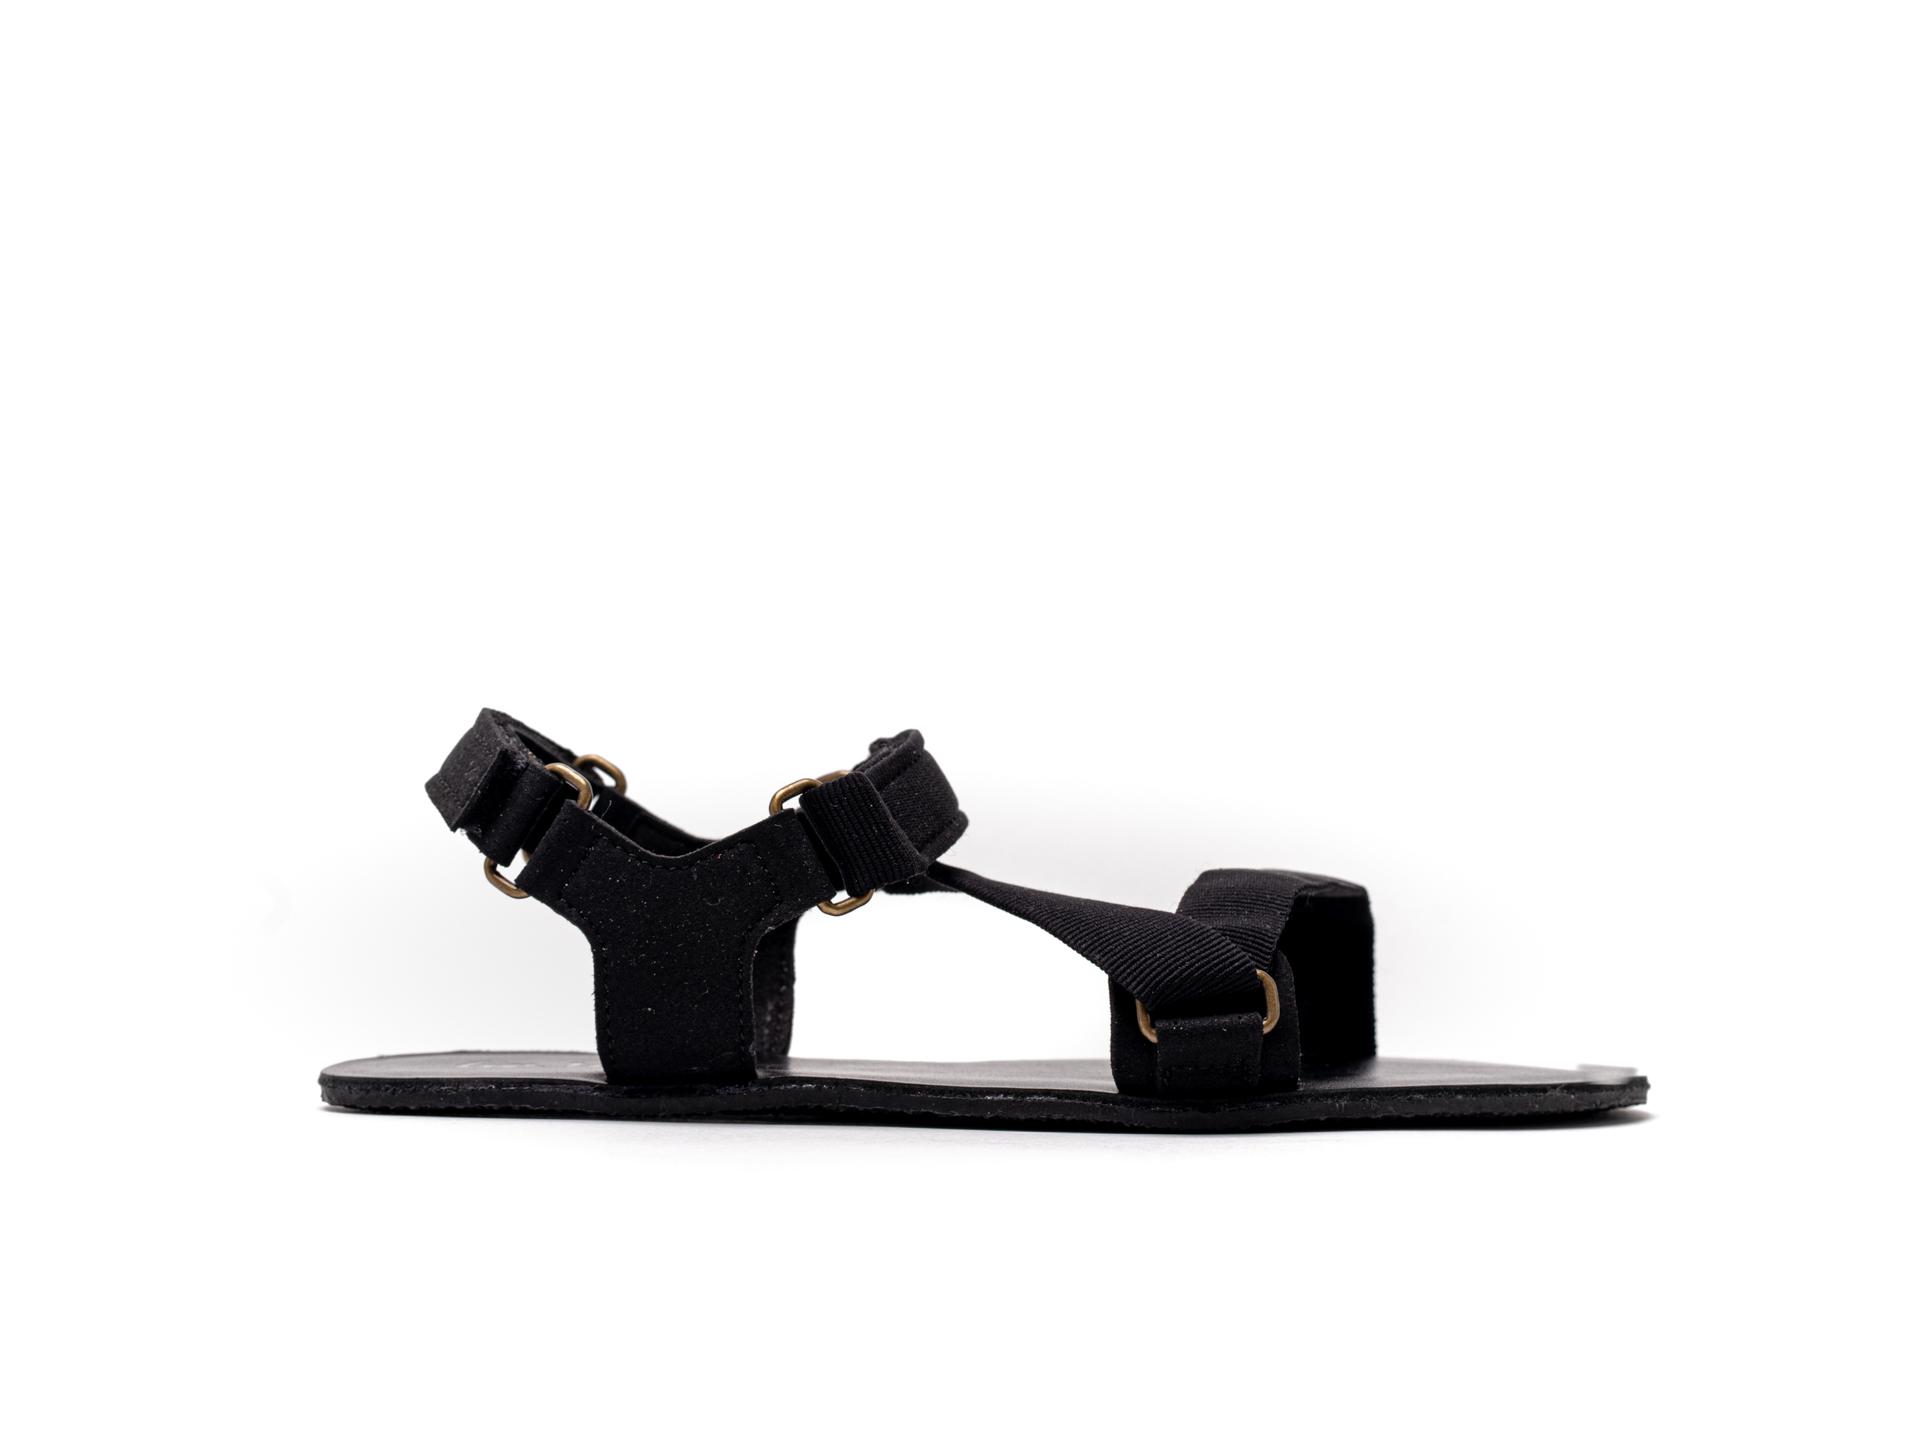 Barefoot Sandals - Be Lenka Flexi - Black 37